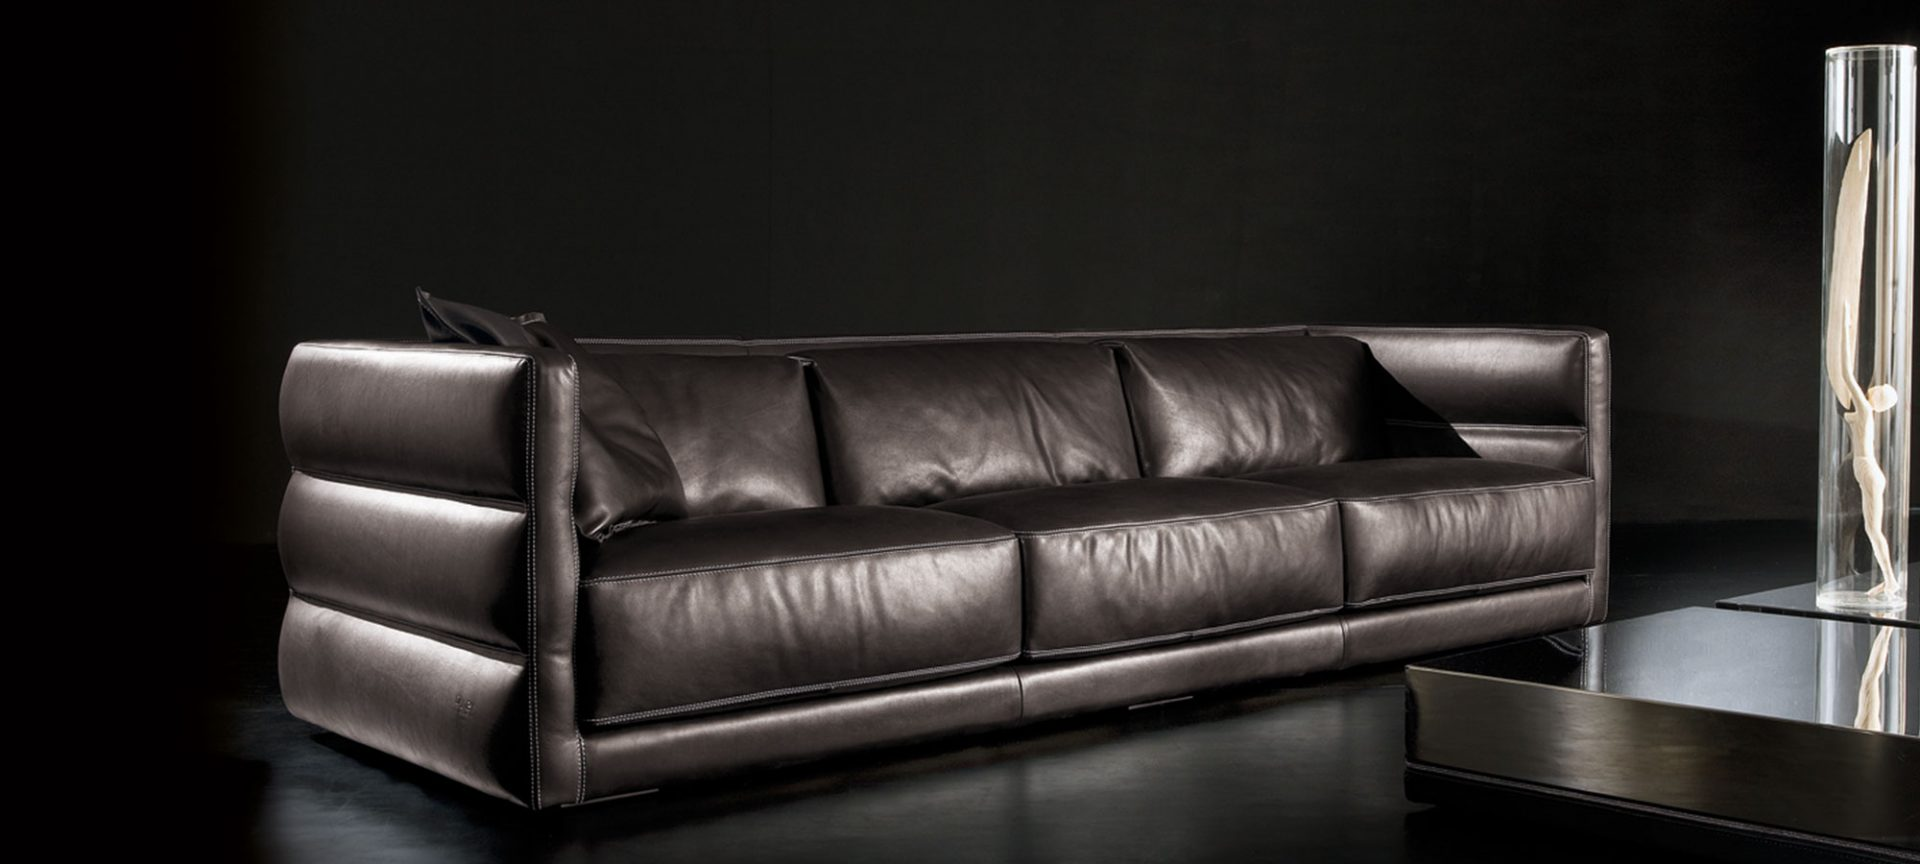 Wafer Lounge